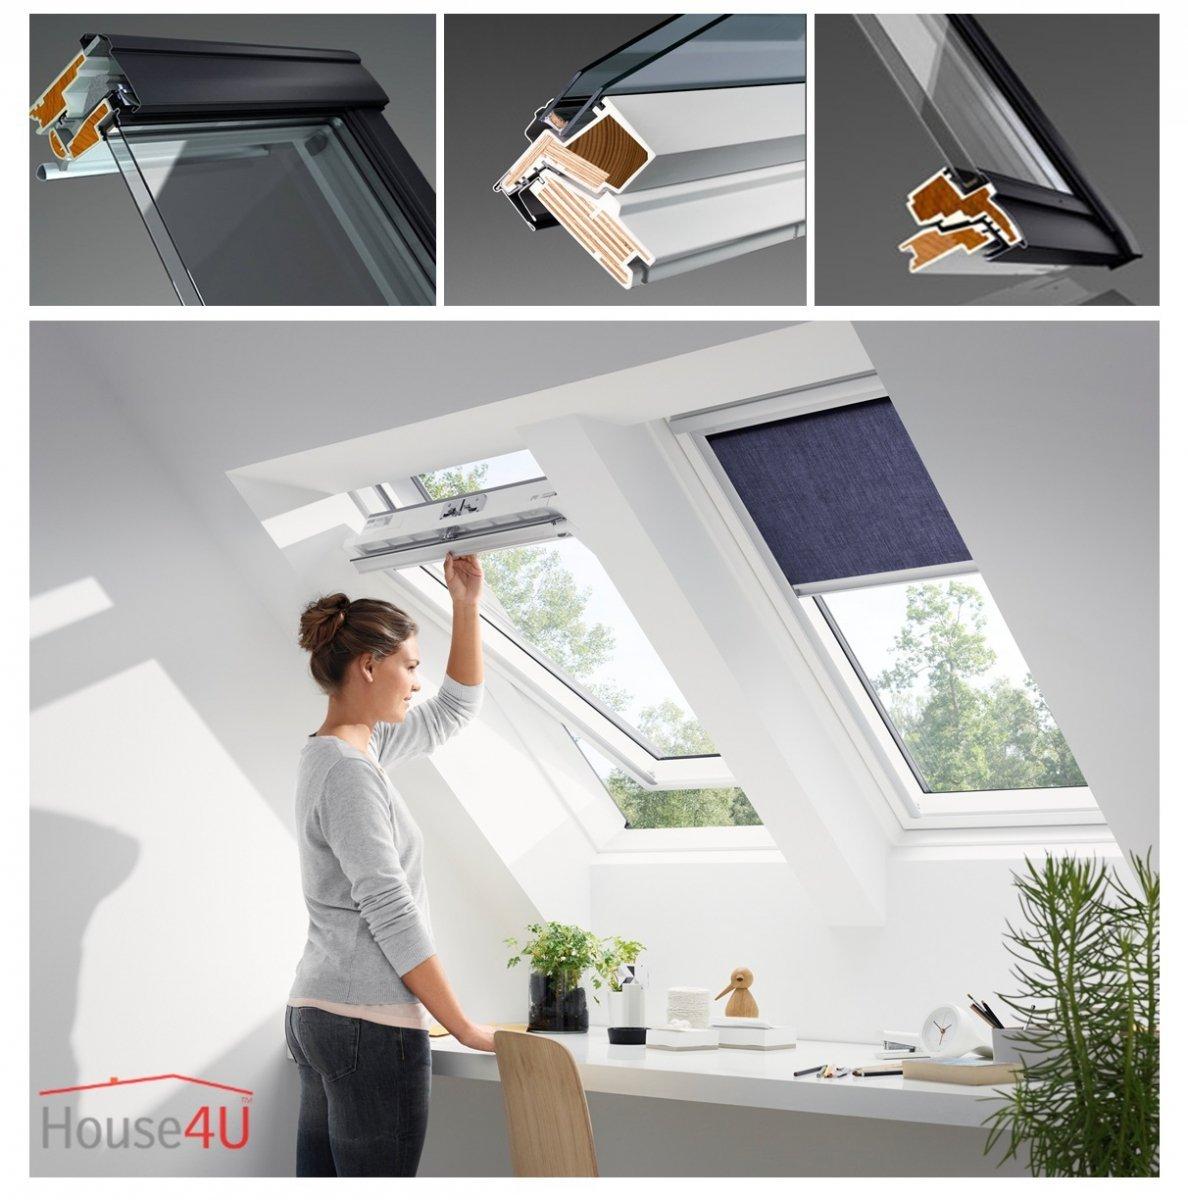 velux dachfenster ggu 0050 uw 1 3 schwingfenster aus. Black Bedroom Furniture Sets. Home Design Ideas